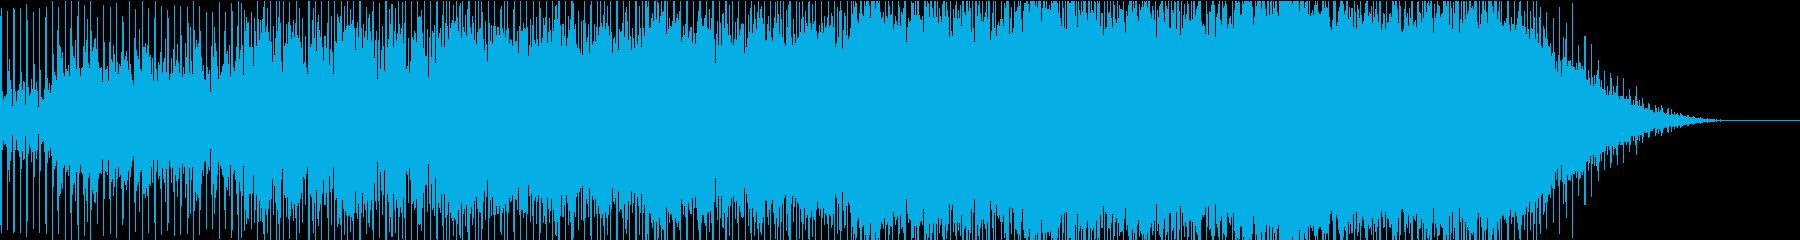 MFB A-gainの再生済みの波形